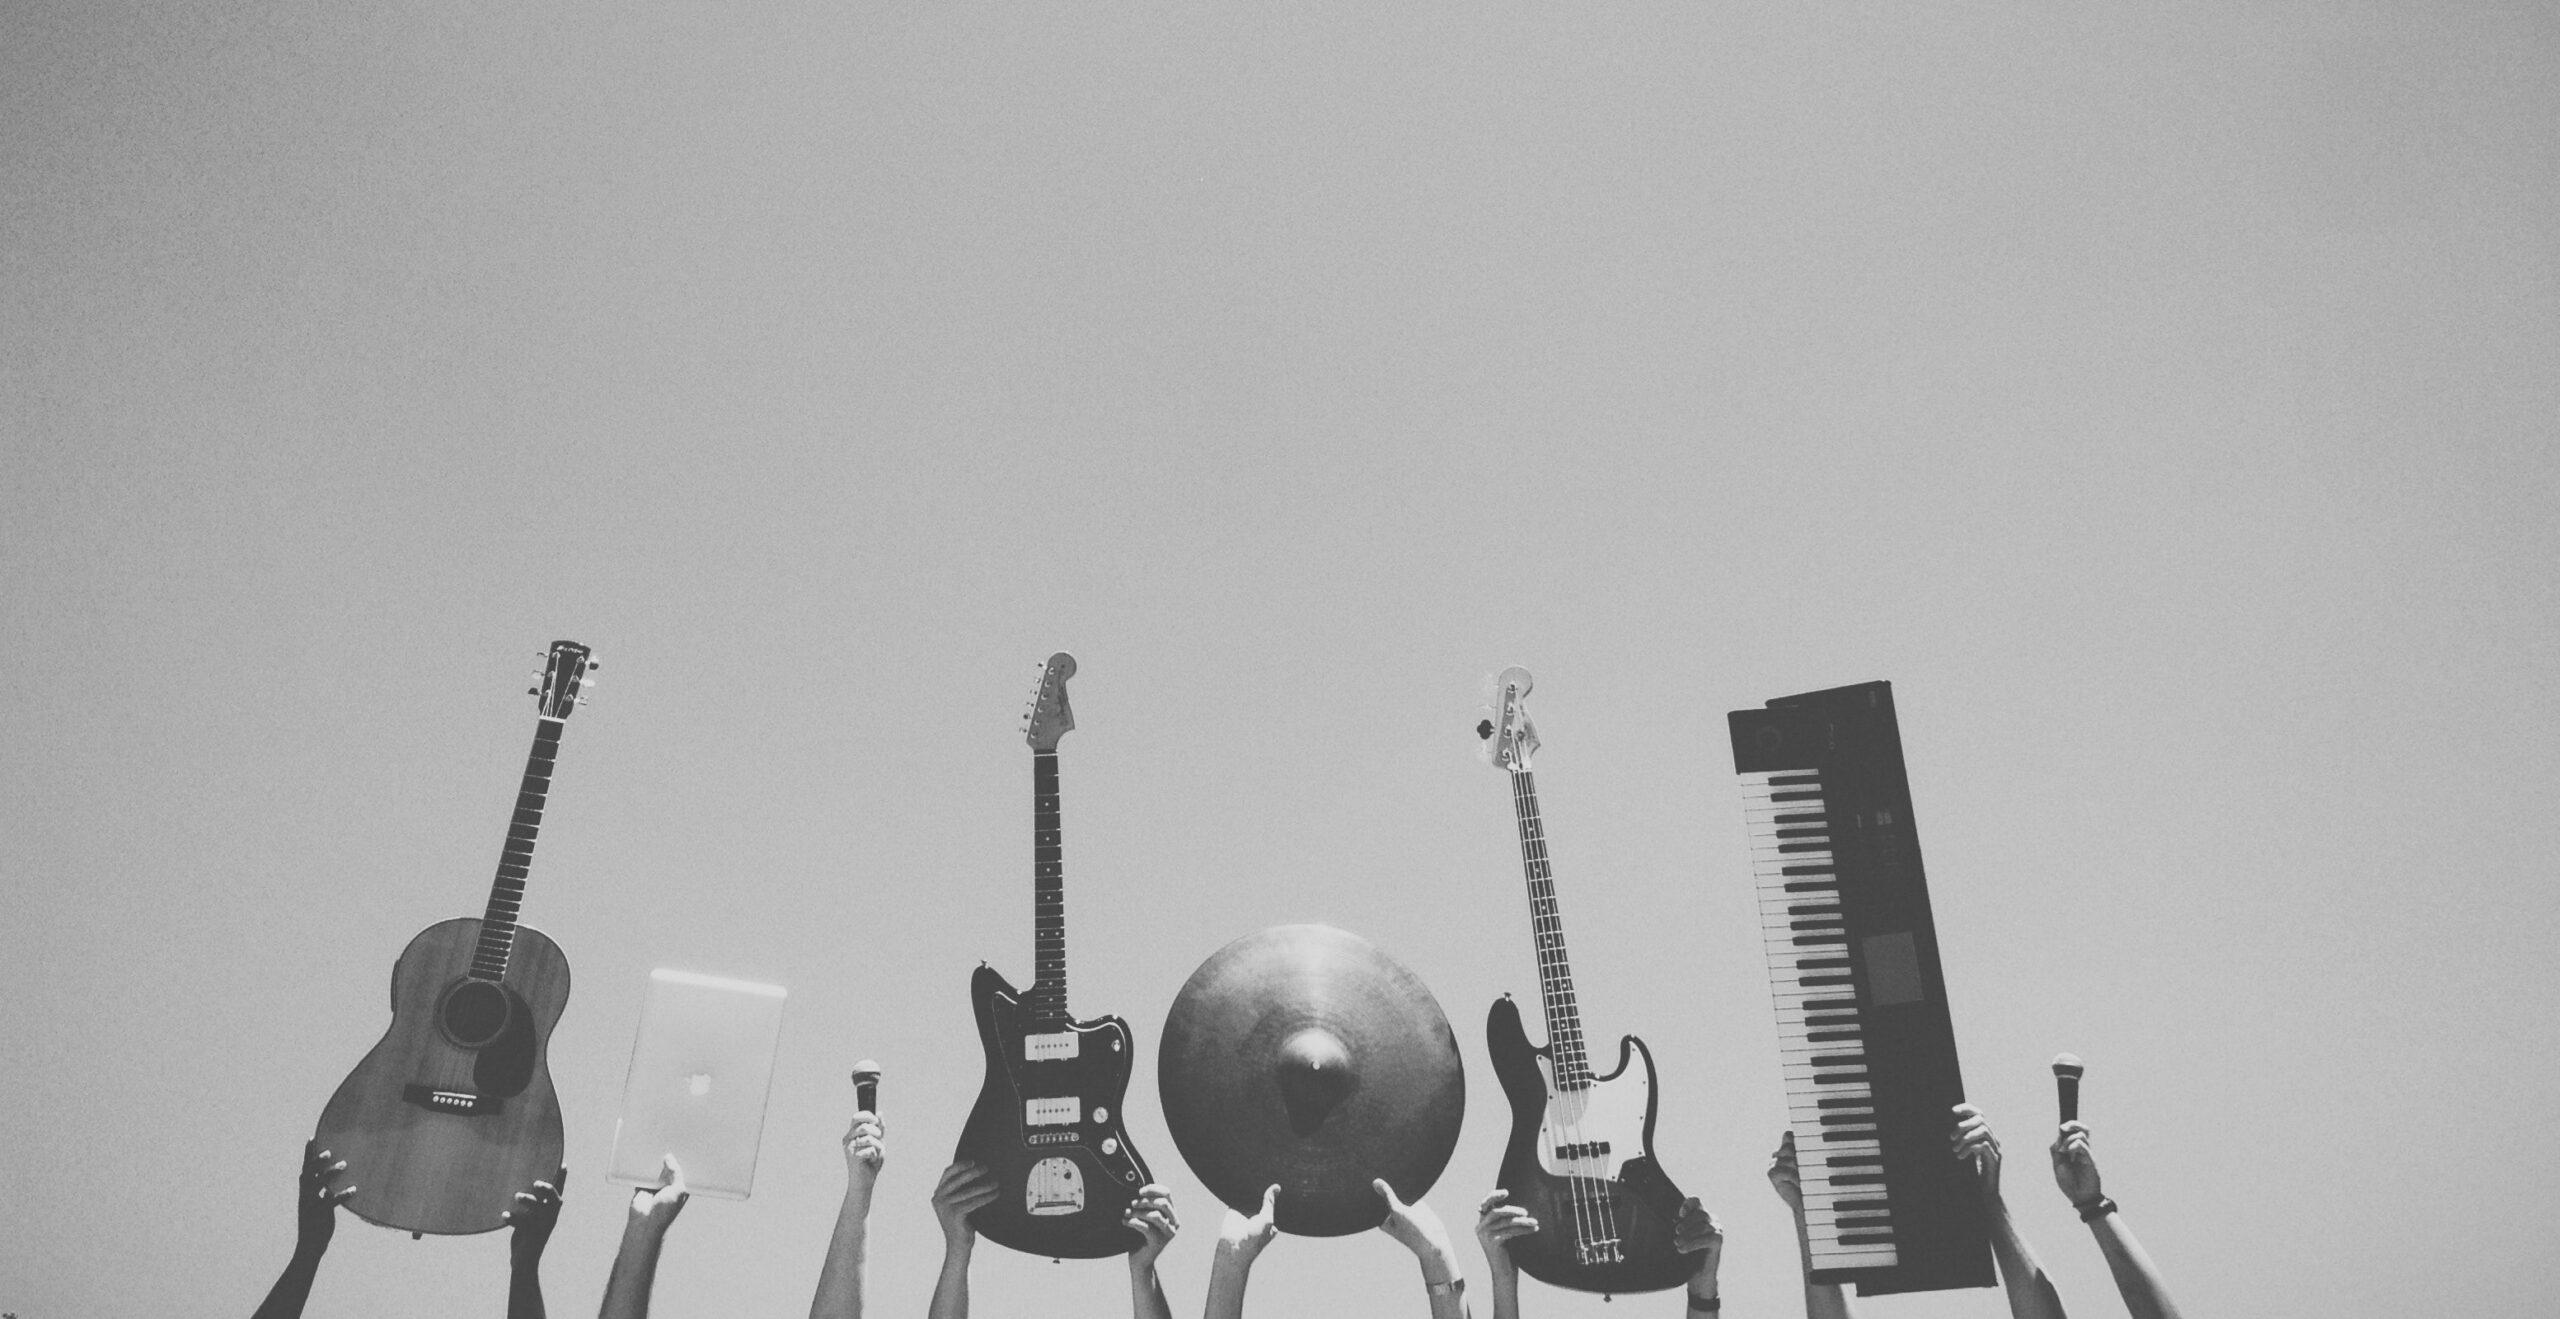 La musica per generare legami